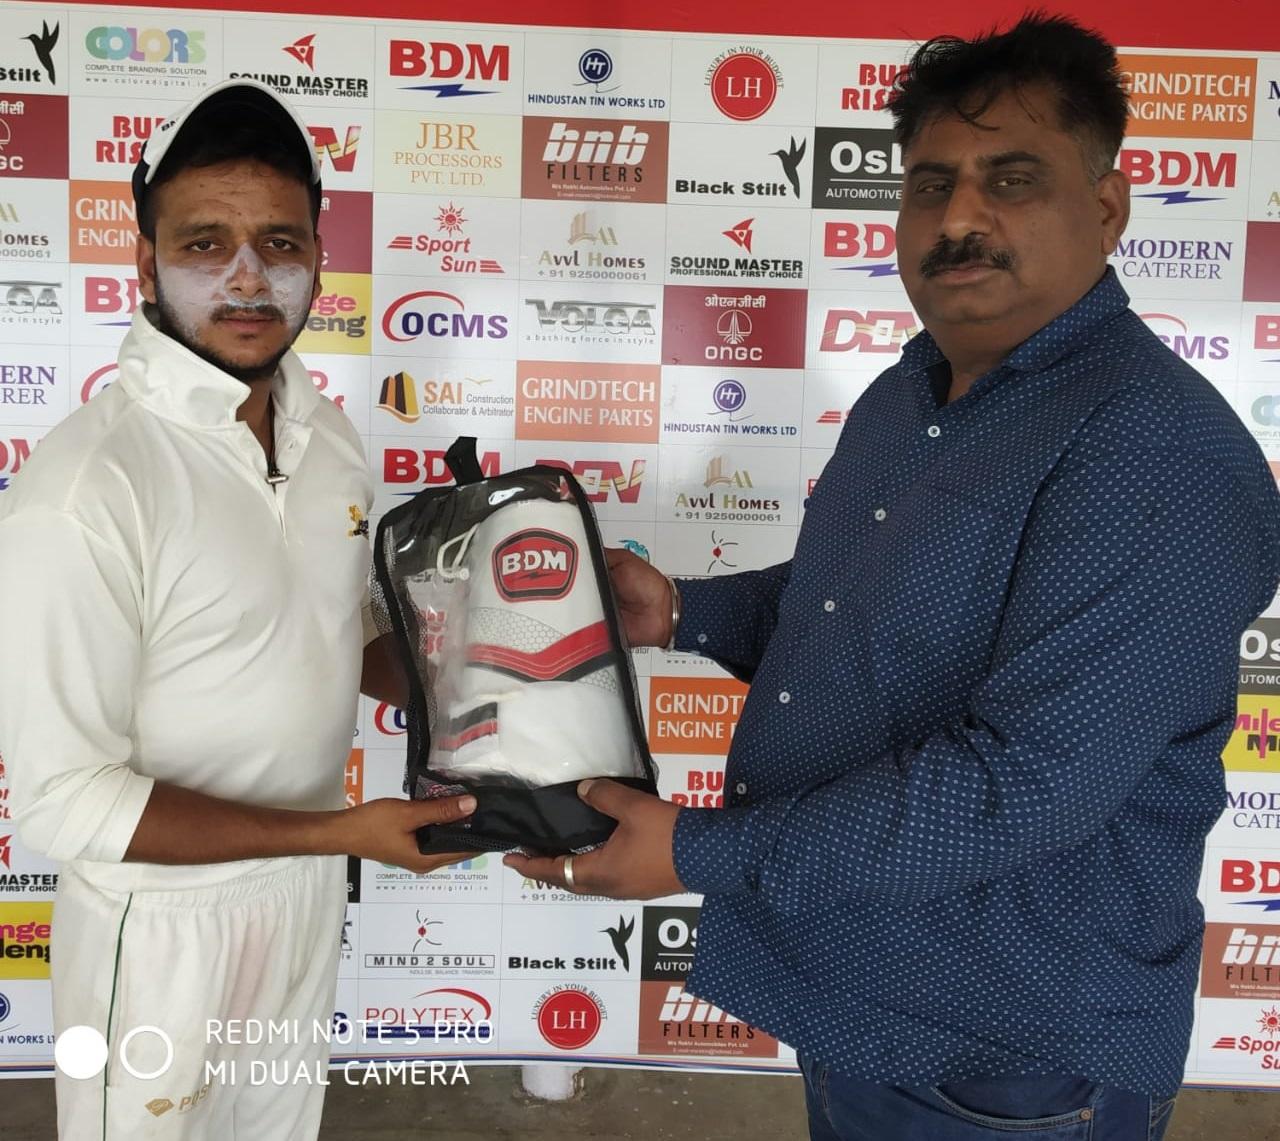 मोहसिन ख़ान का पंजा, रवि ब्रदर्स सूद क्रिकेट के प्री क्वॉर्टर फाइनल में